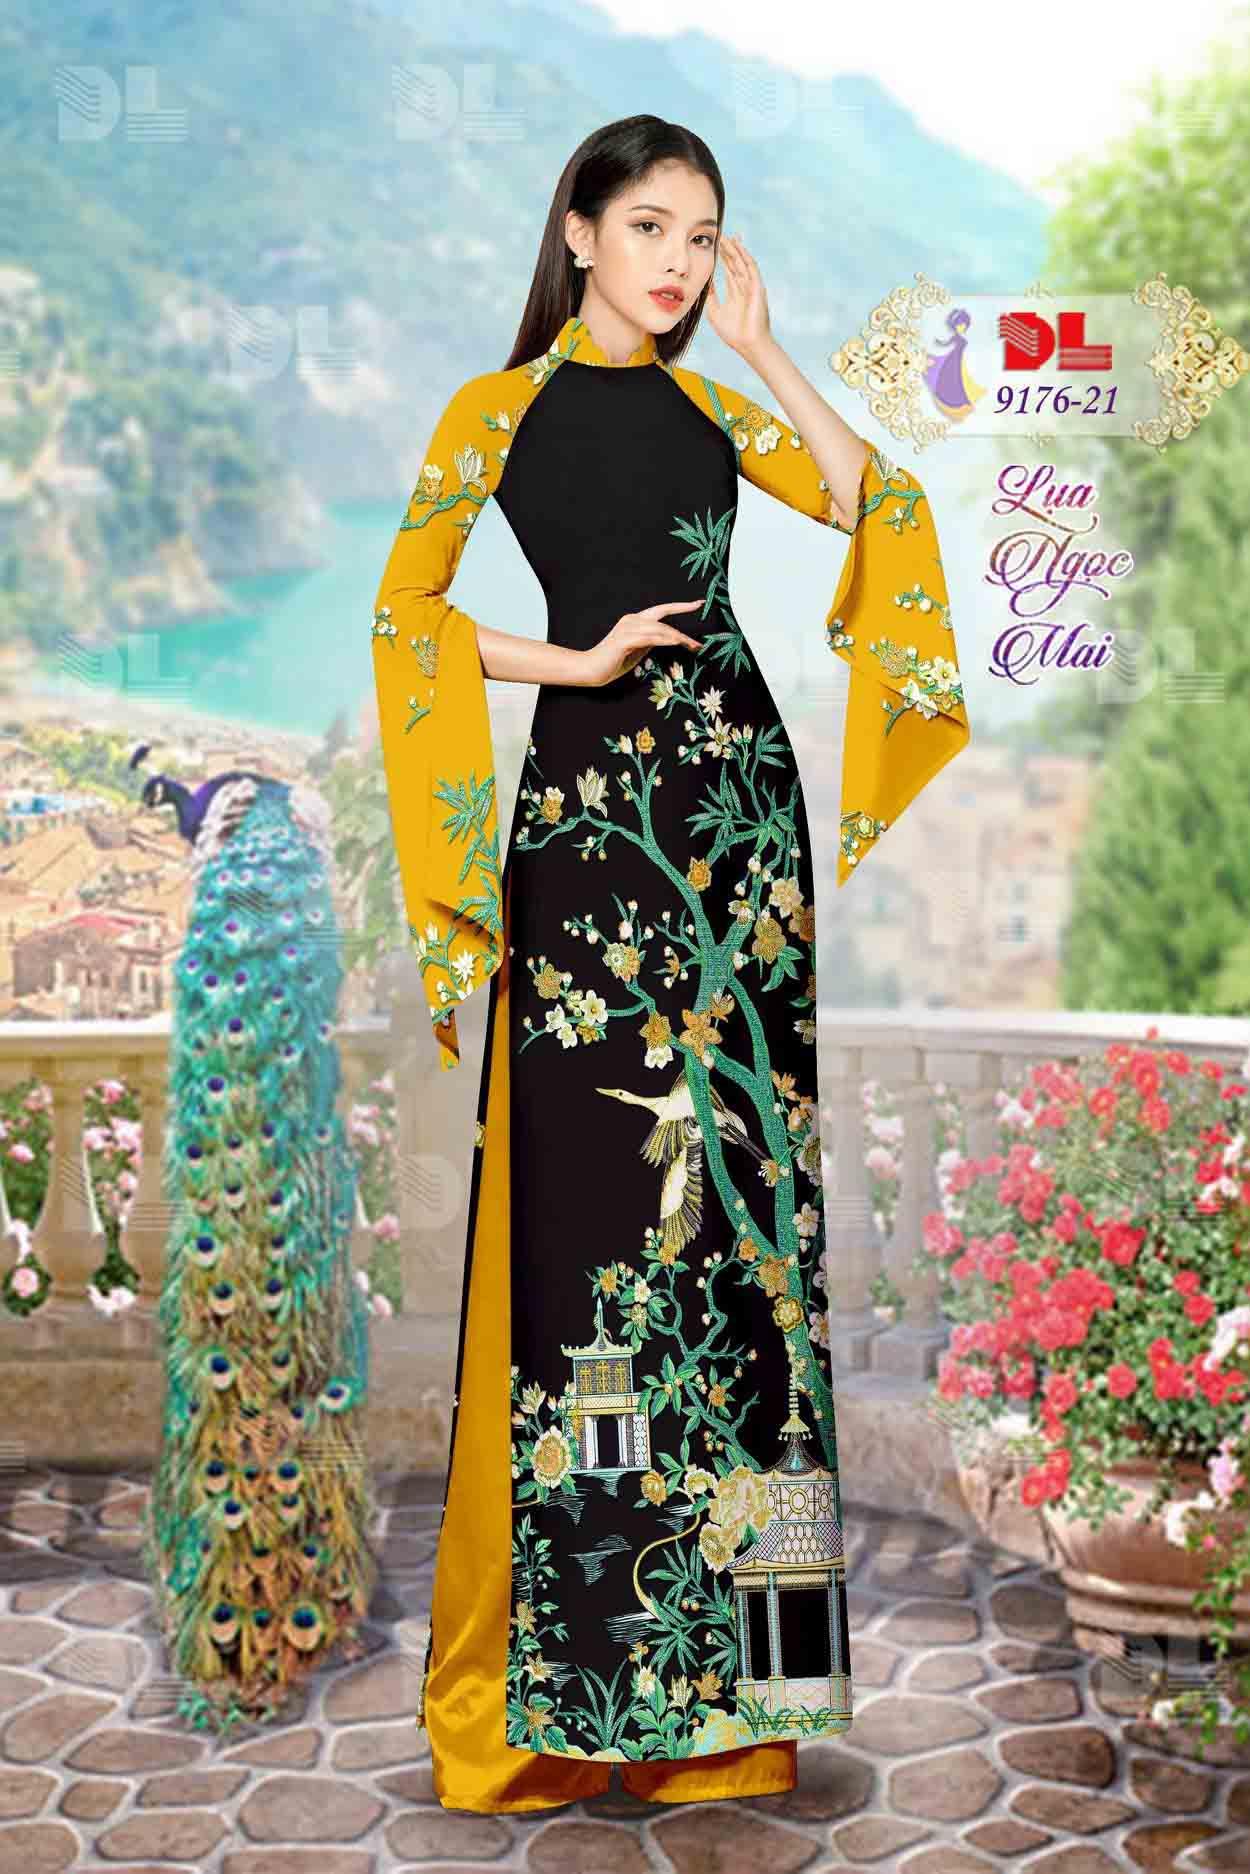 Vải Áo Dài Phong Cảnh AD 9176 65